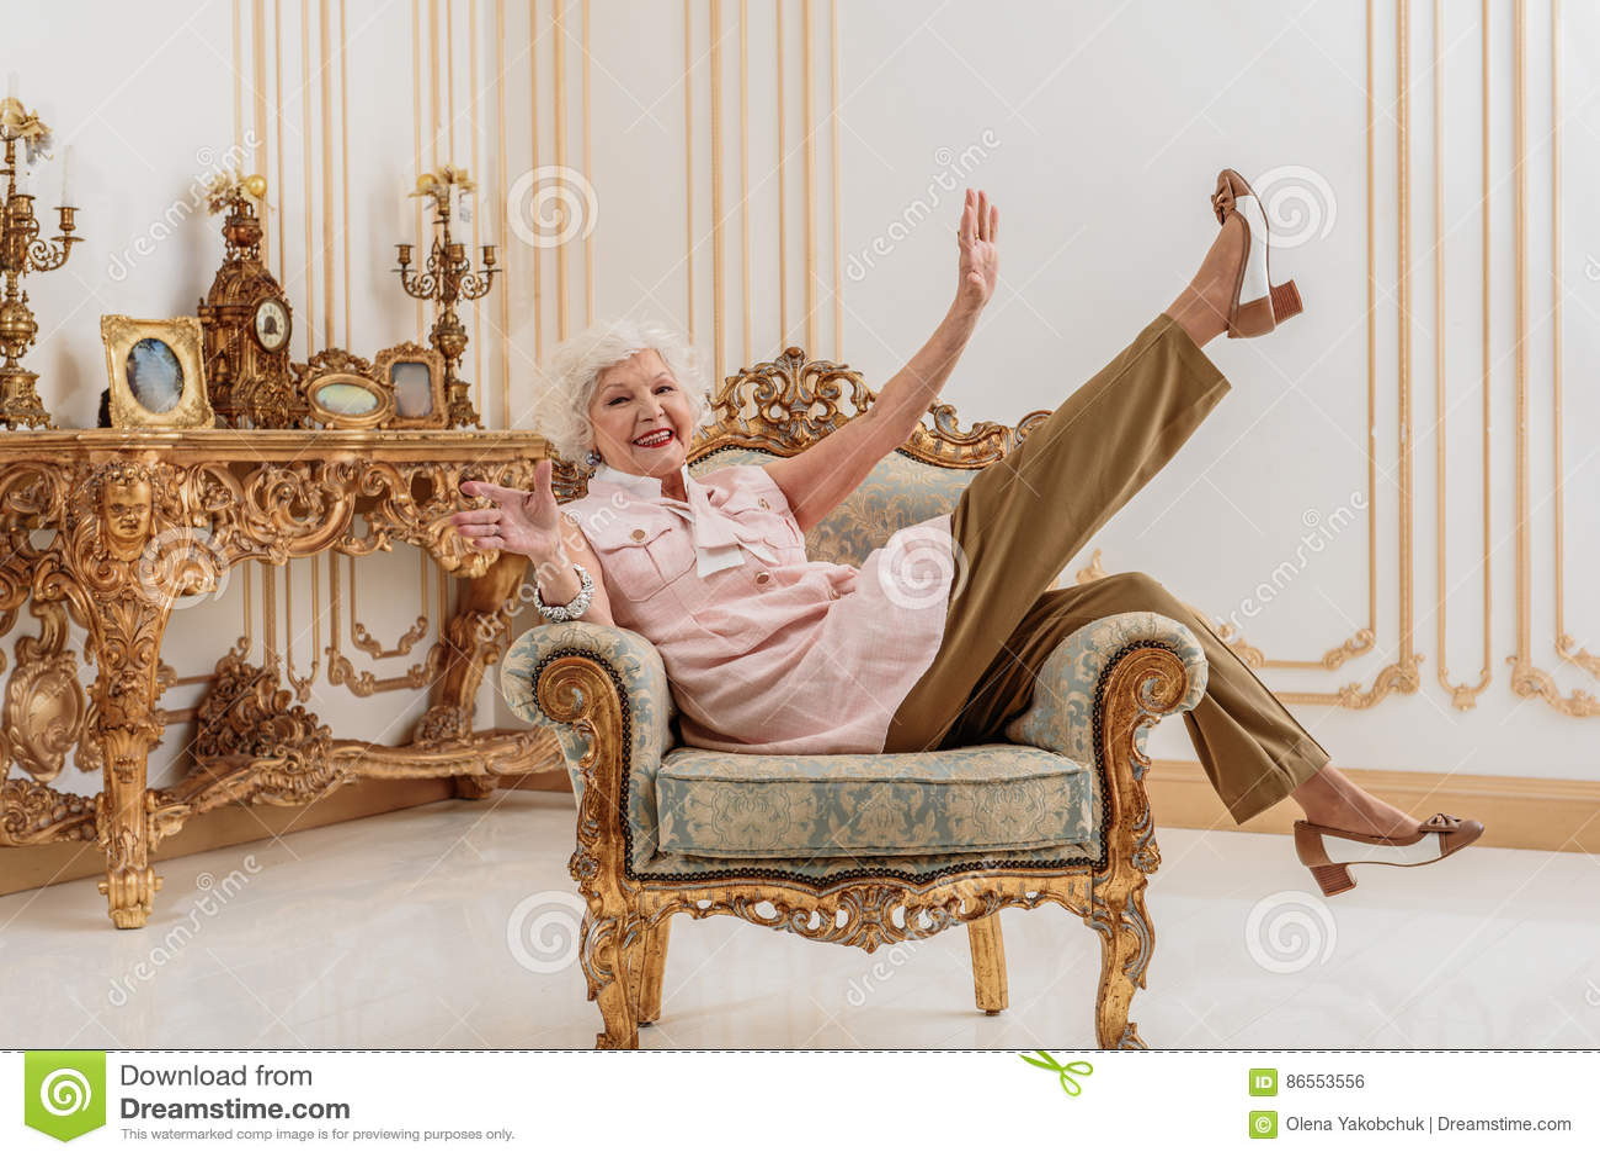 Joyful Old Lady Enjoying Luxury At Home Stock Photo - Image of ...